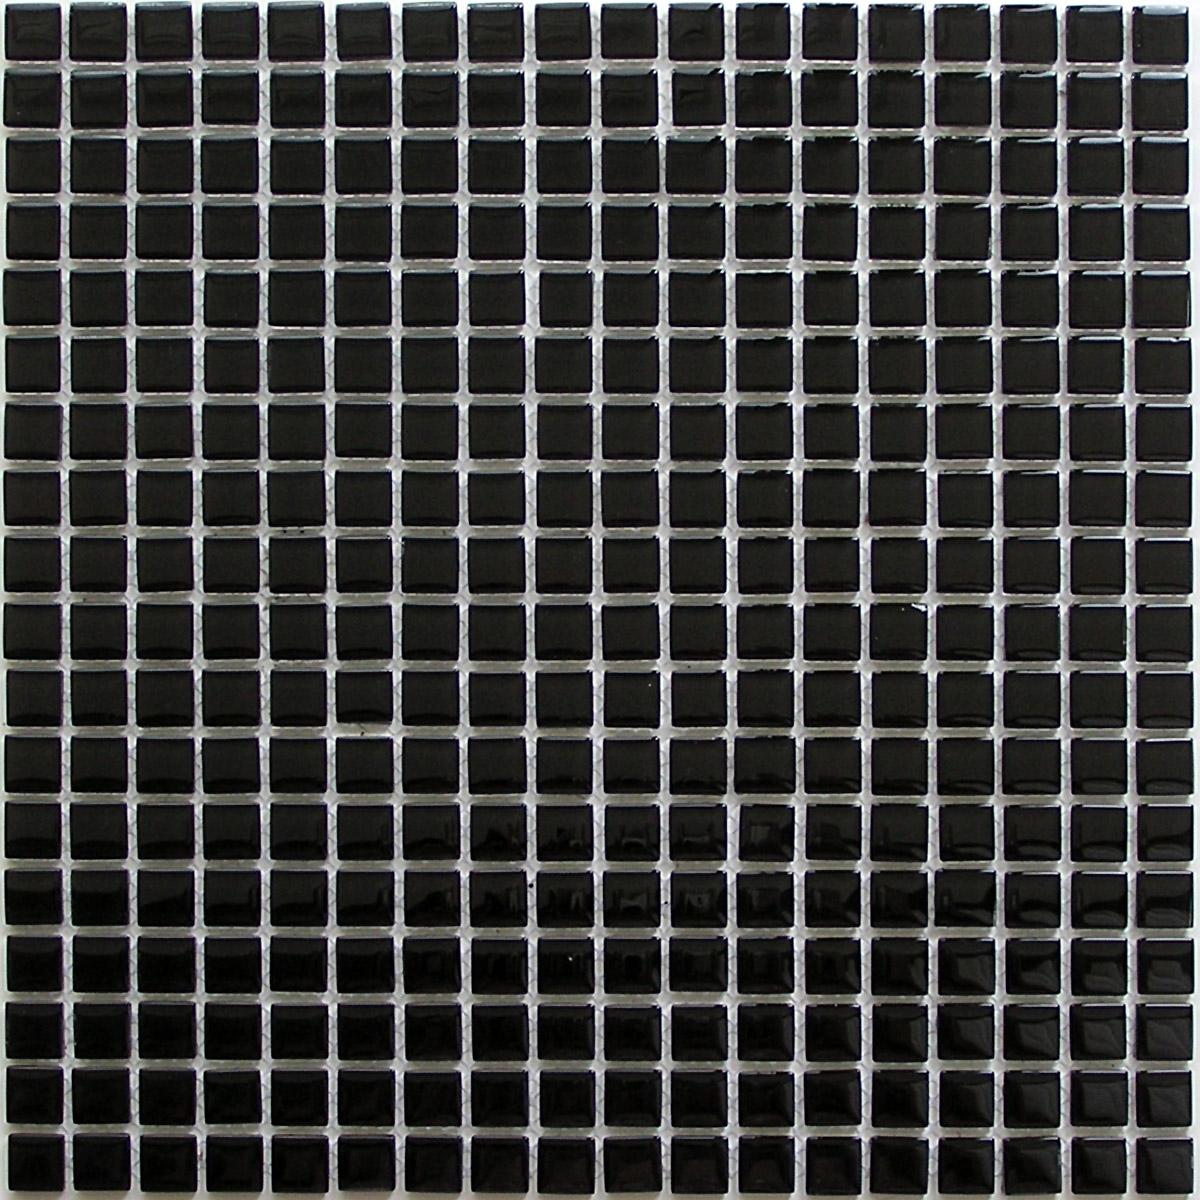 Купить Керамическая плитка China Mosaic Super black (4x15x15) Мозаика 30x30, Китай